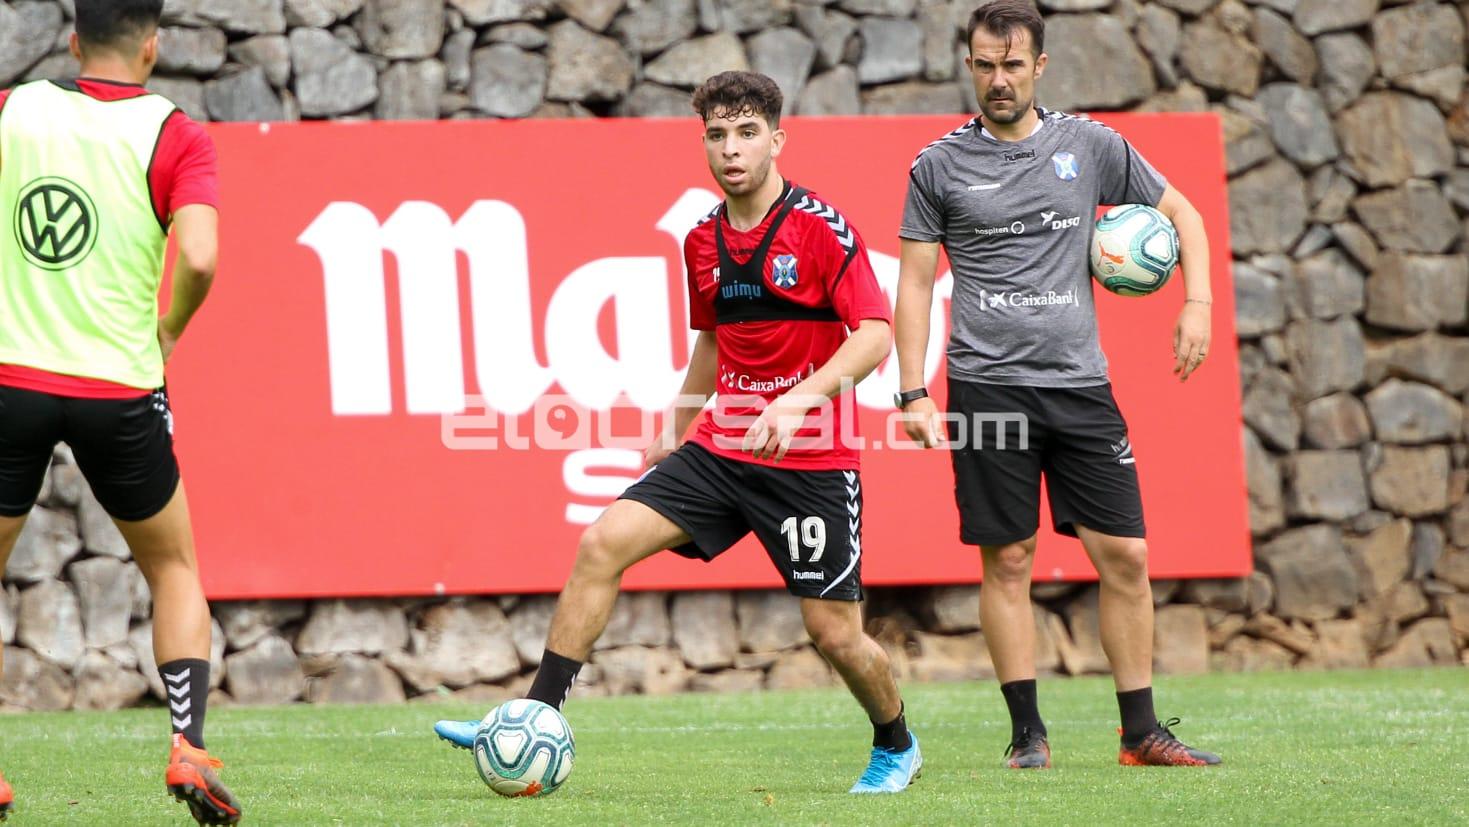 El jugador del CD Tenerife Samuel Shashoua / @jacfotografo